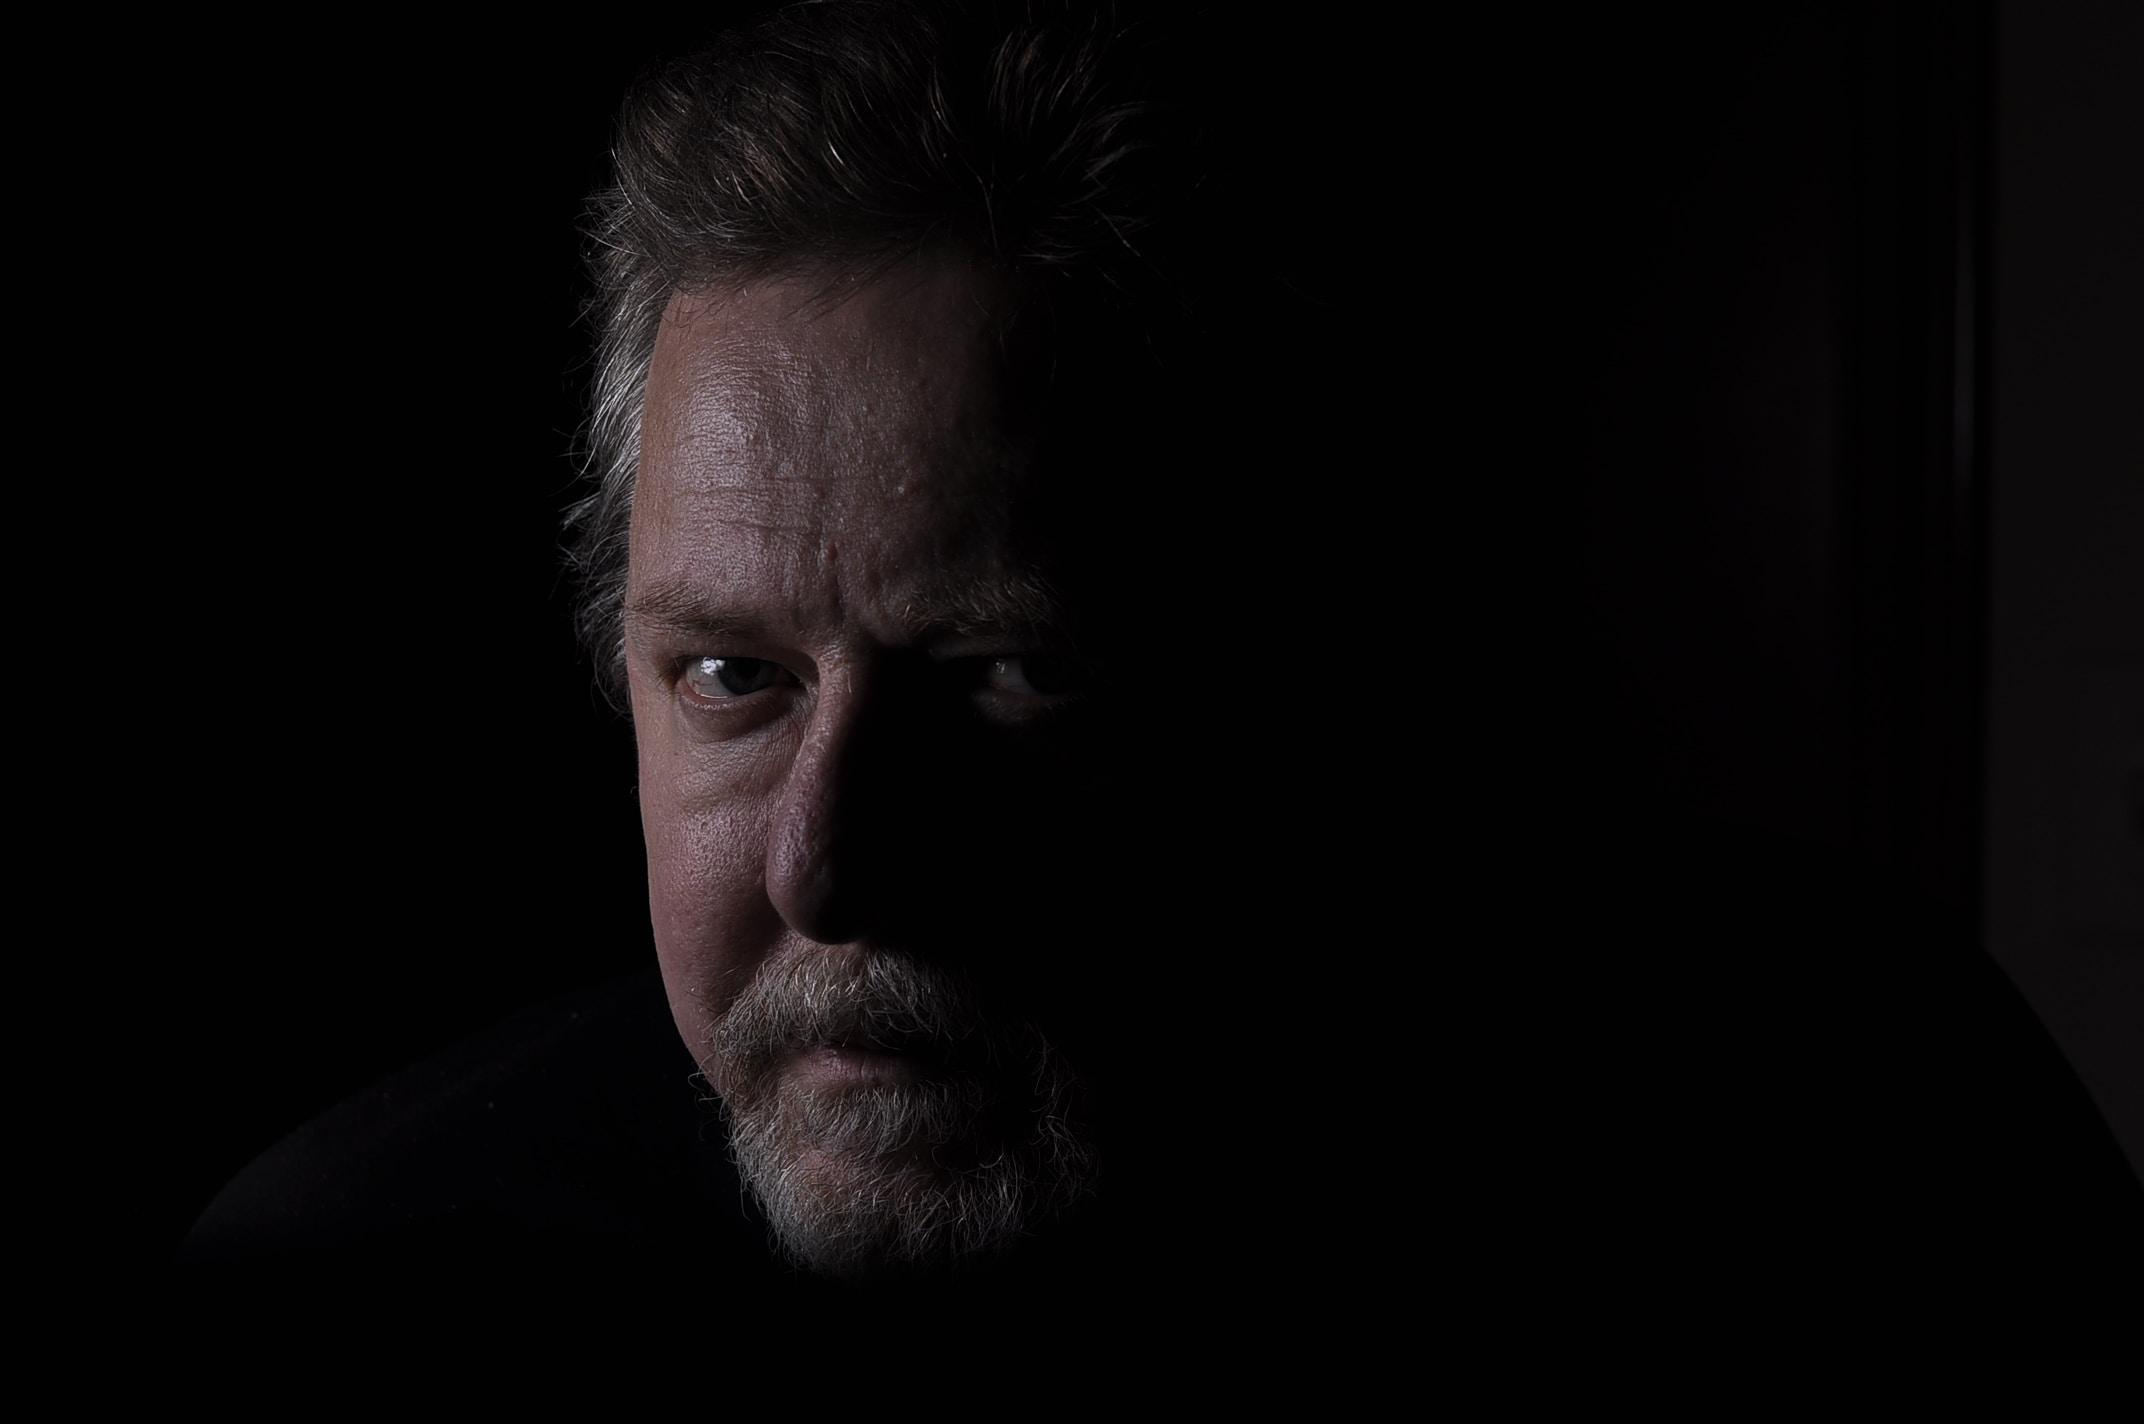 Go to Bill Anderson's profile